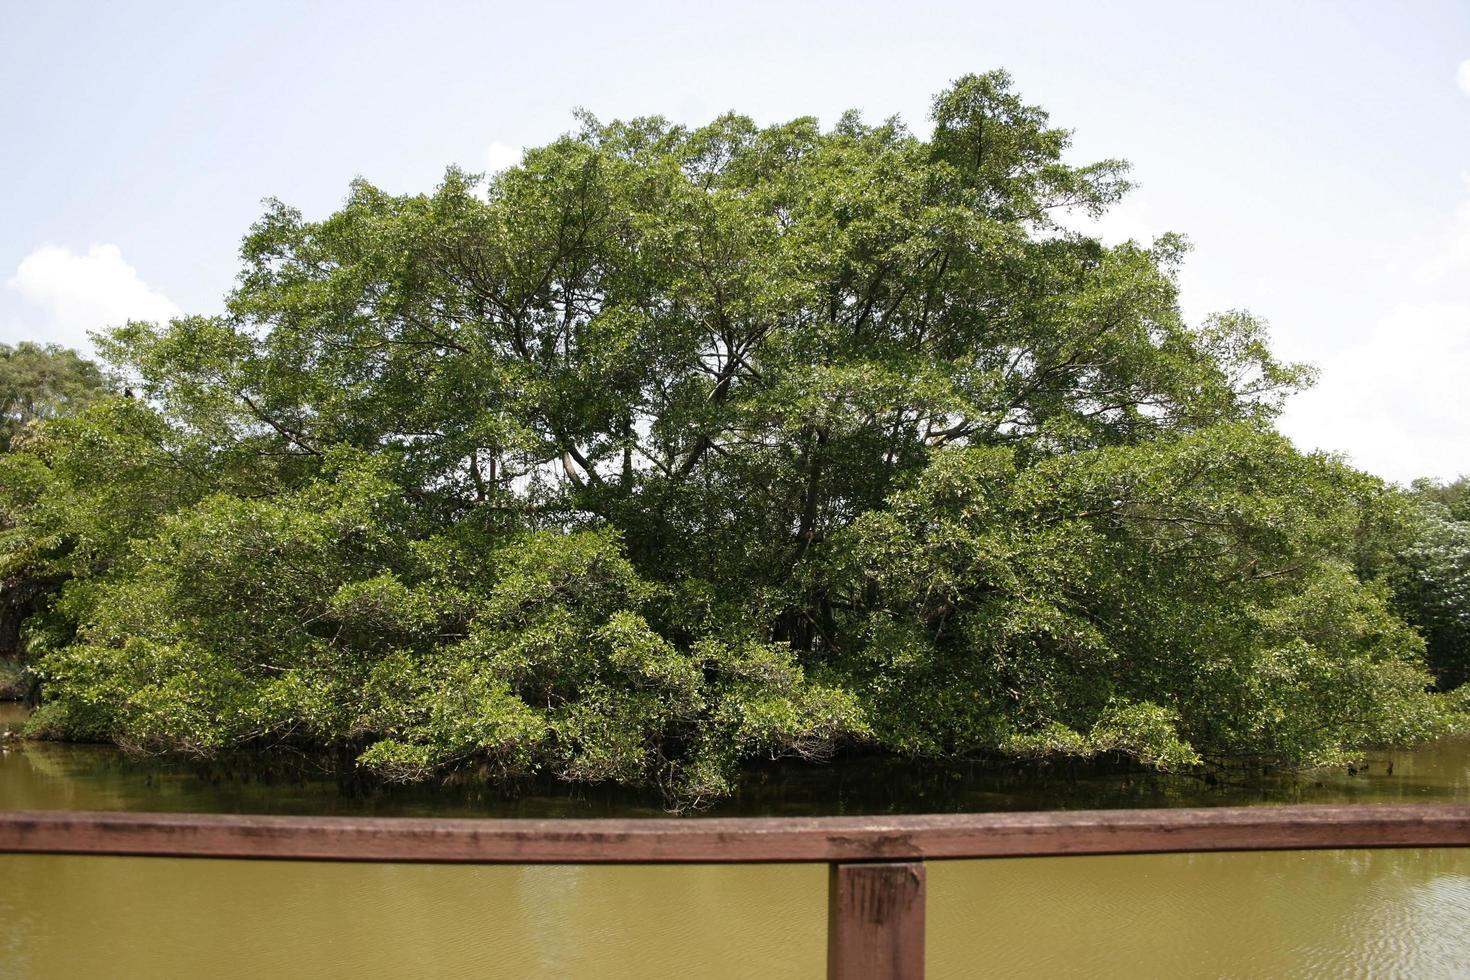 großer Baum an einer Küste des Teiches foto